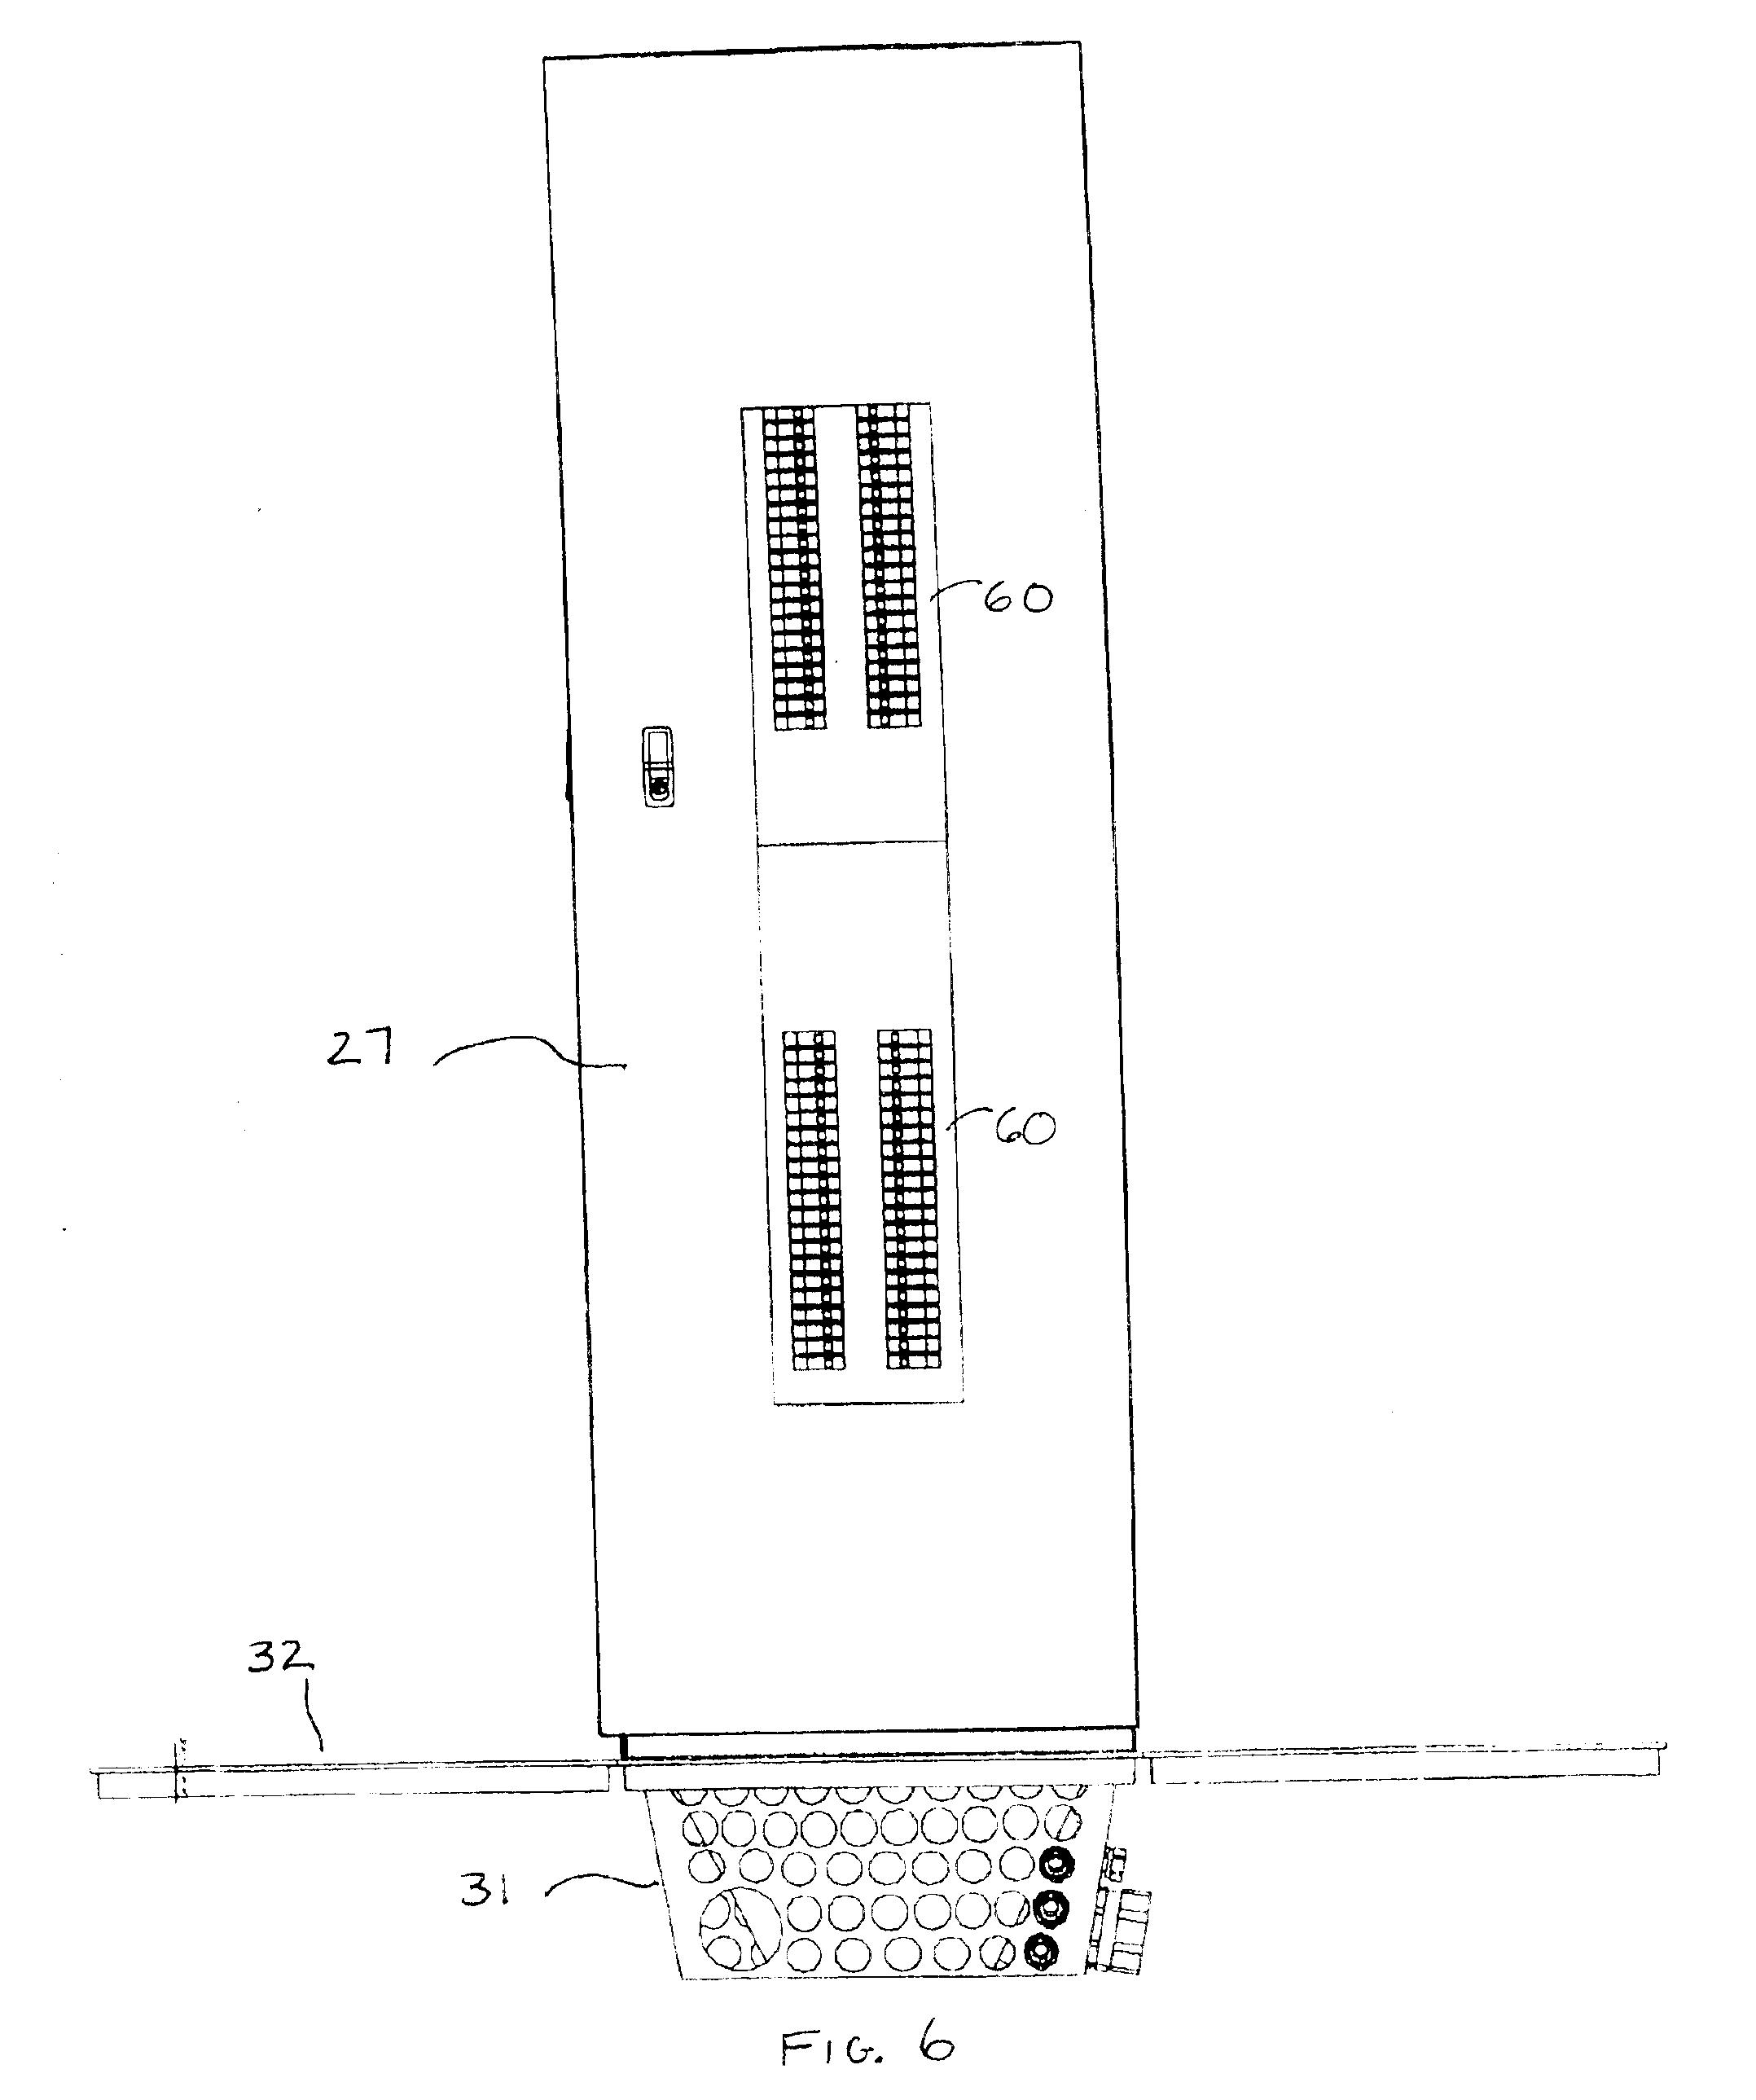 patent us6881898 remote distribution cabinet google patentler. Black Bedroom Furniture Sets. Home Design Ideas